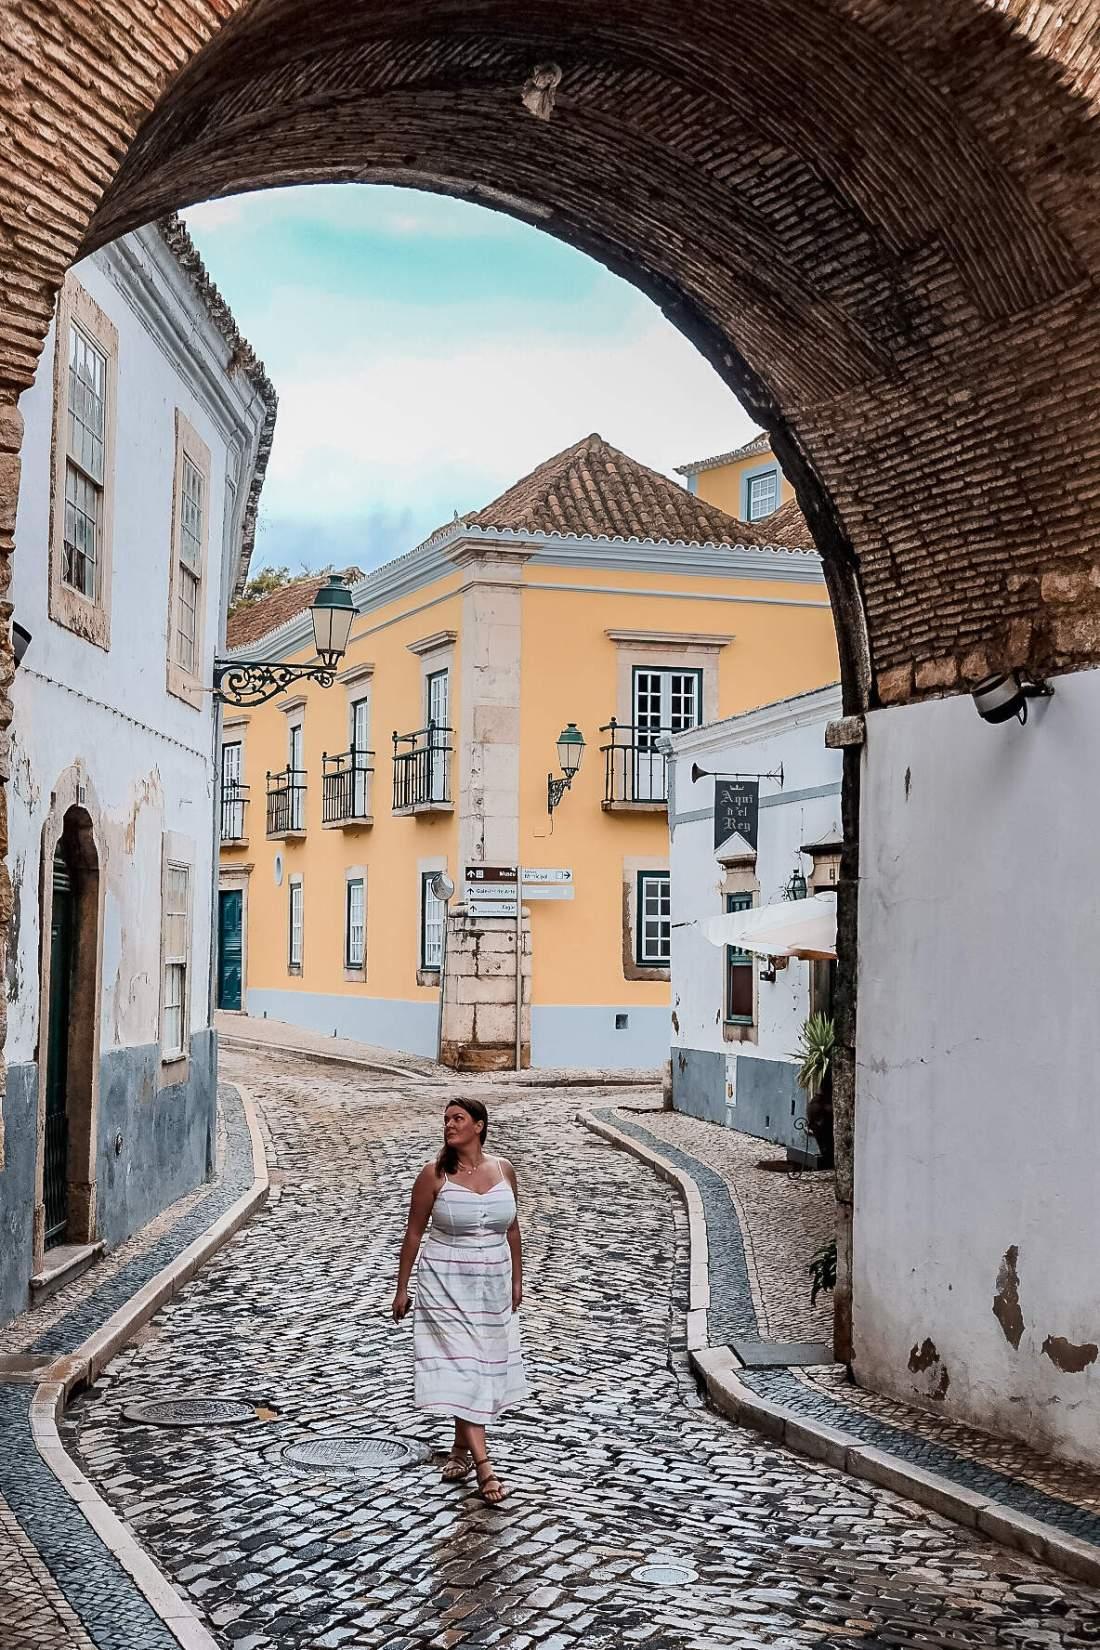 Faro travel guide